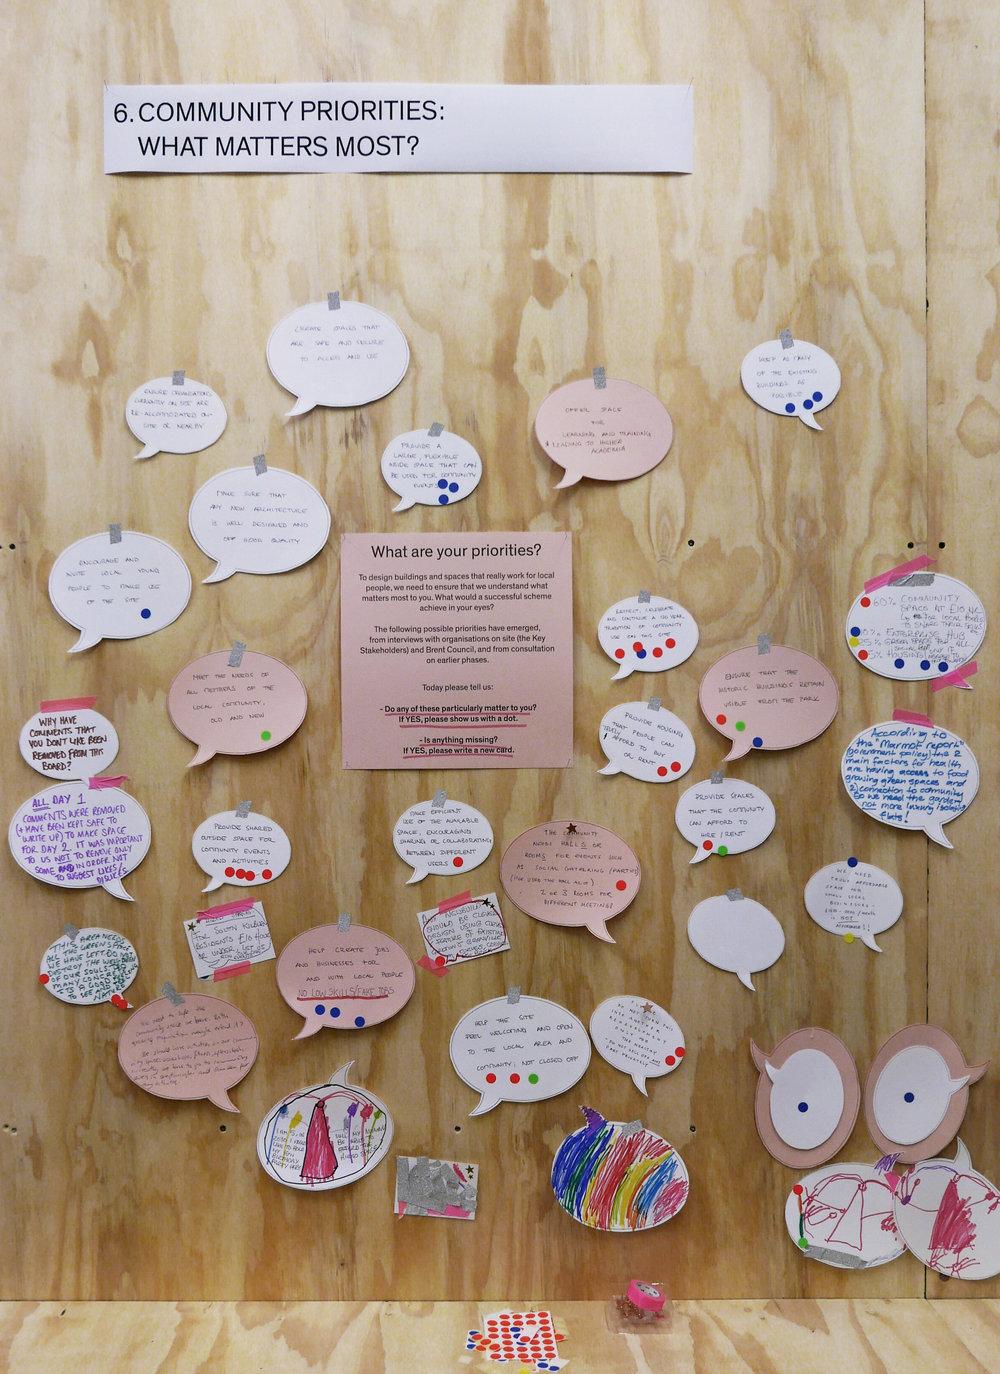 070_consultation 01 feedback speech bubbles_lr.jpg